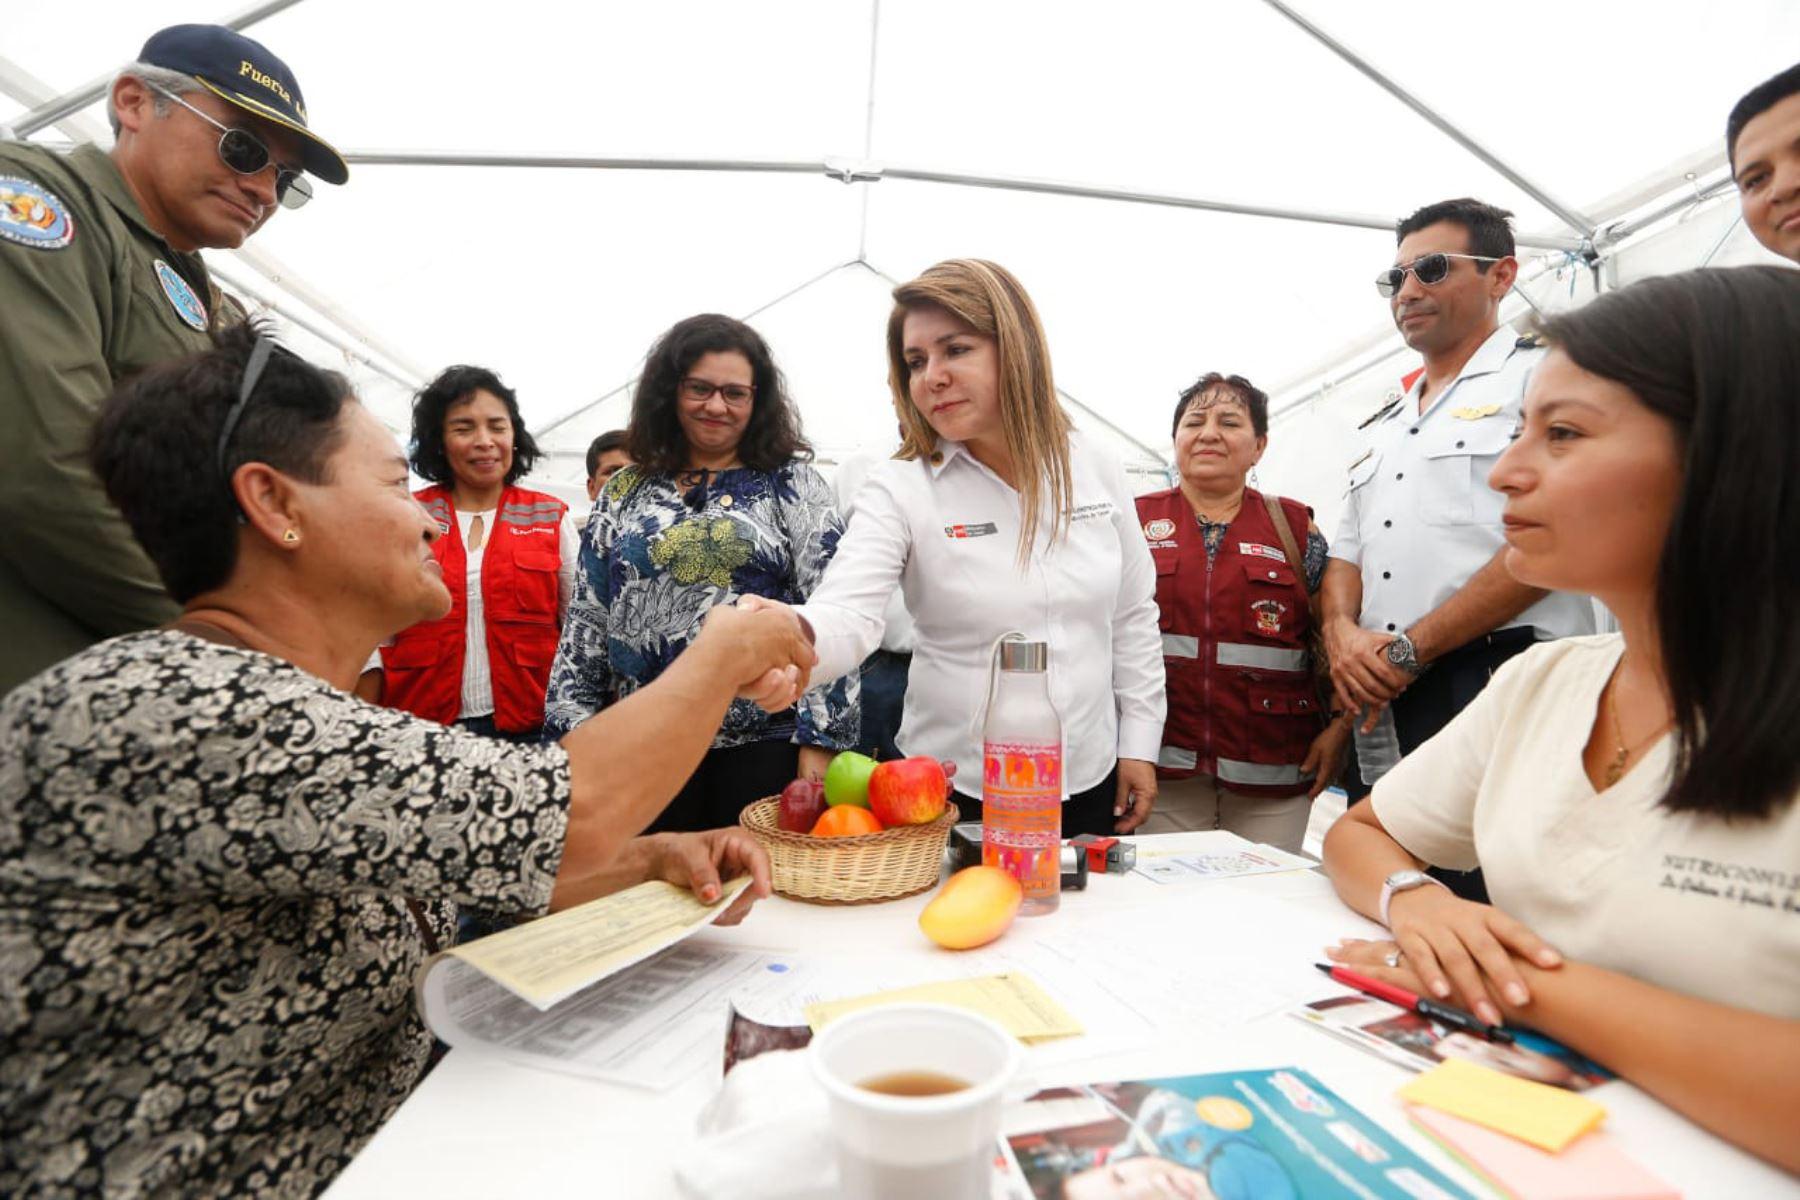 Ministros de los sectores salud, Mujer y Agricultura participaron de la acción cívica en Suyo- Piura  que benefició a más de 1,000 niños y adolescentes. Foto: Difusión Minsa